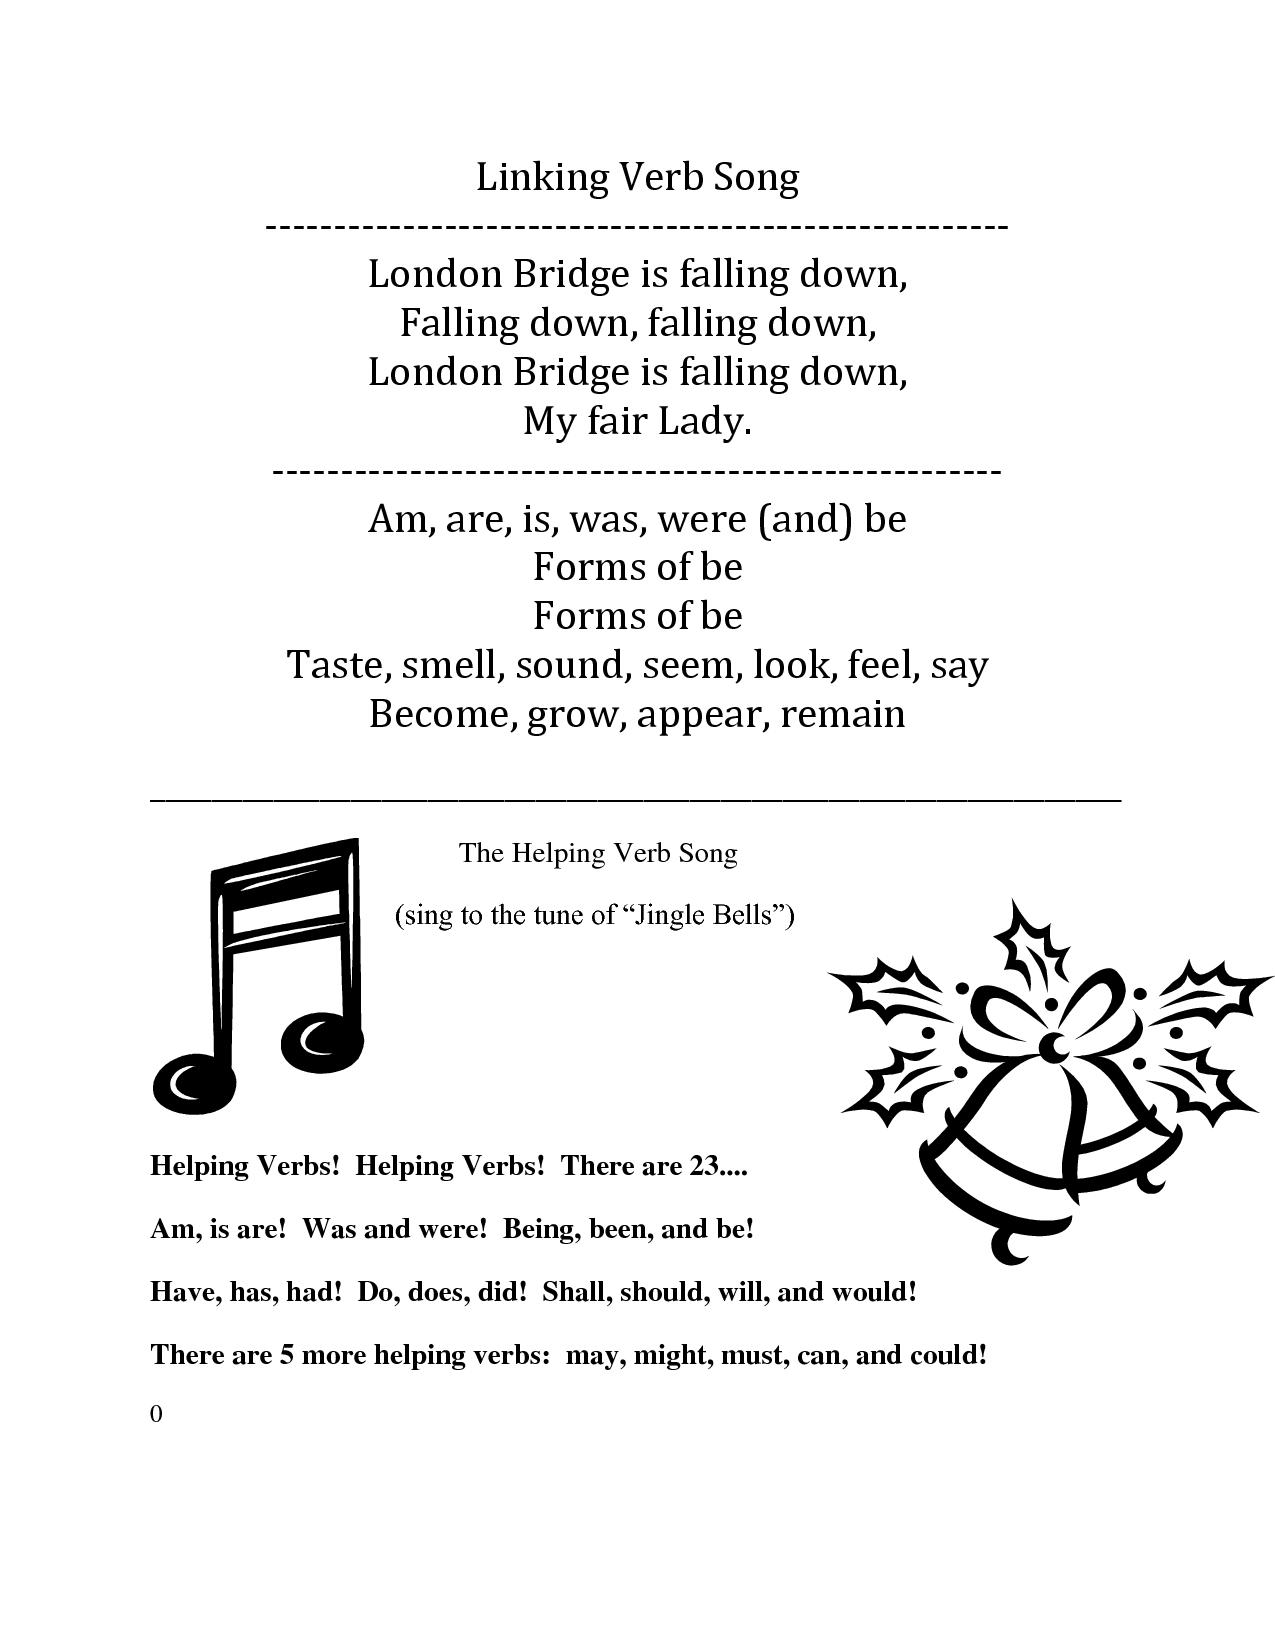 Linking Verb Song Lyrics To London Bridge Is Falling Down